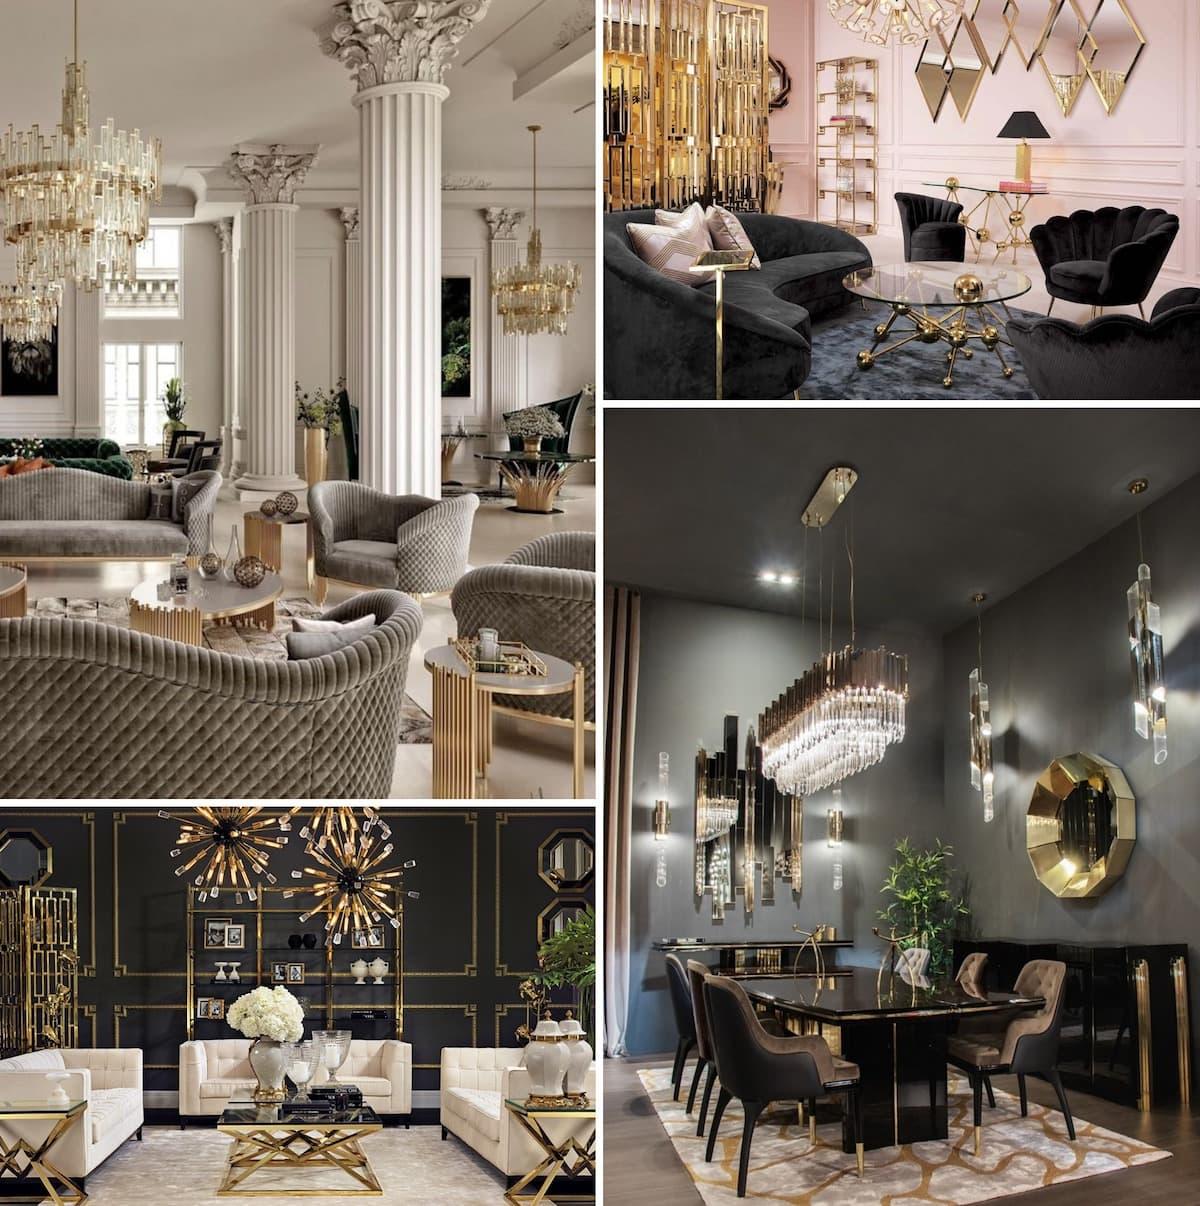 Стиль арт-деко в дизайне интерьера гостиной комнаты